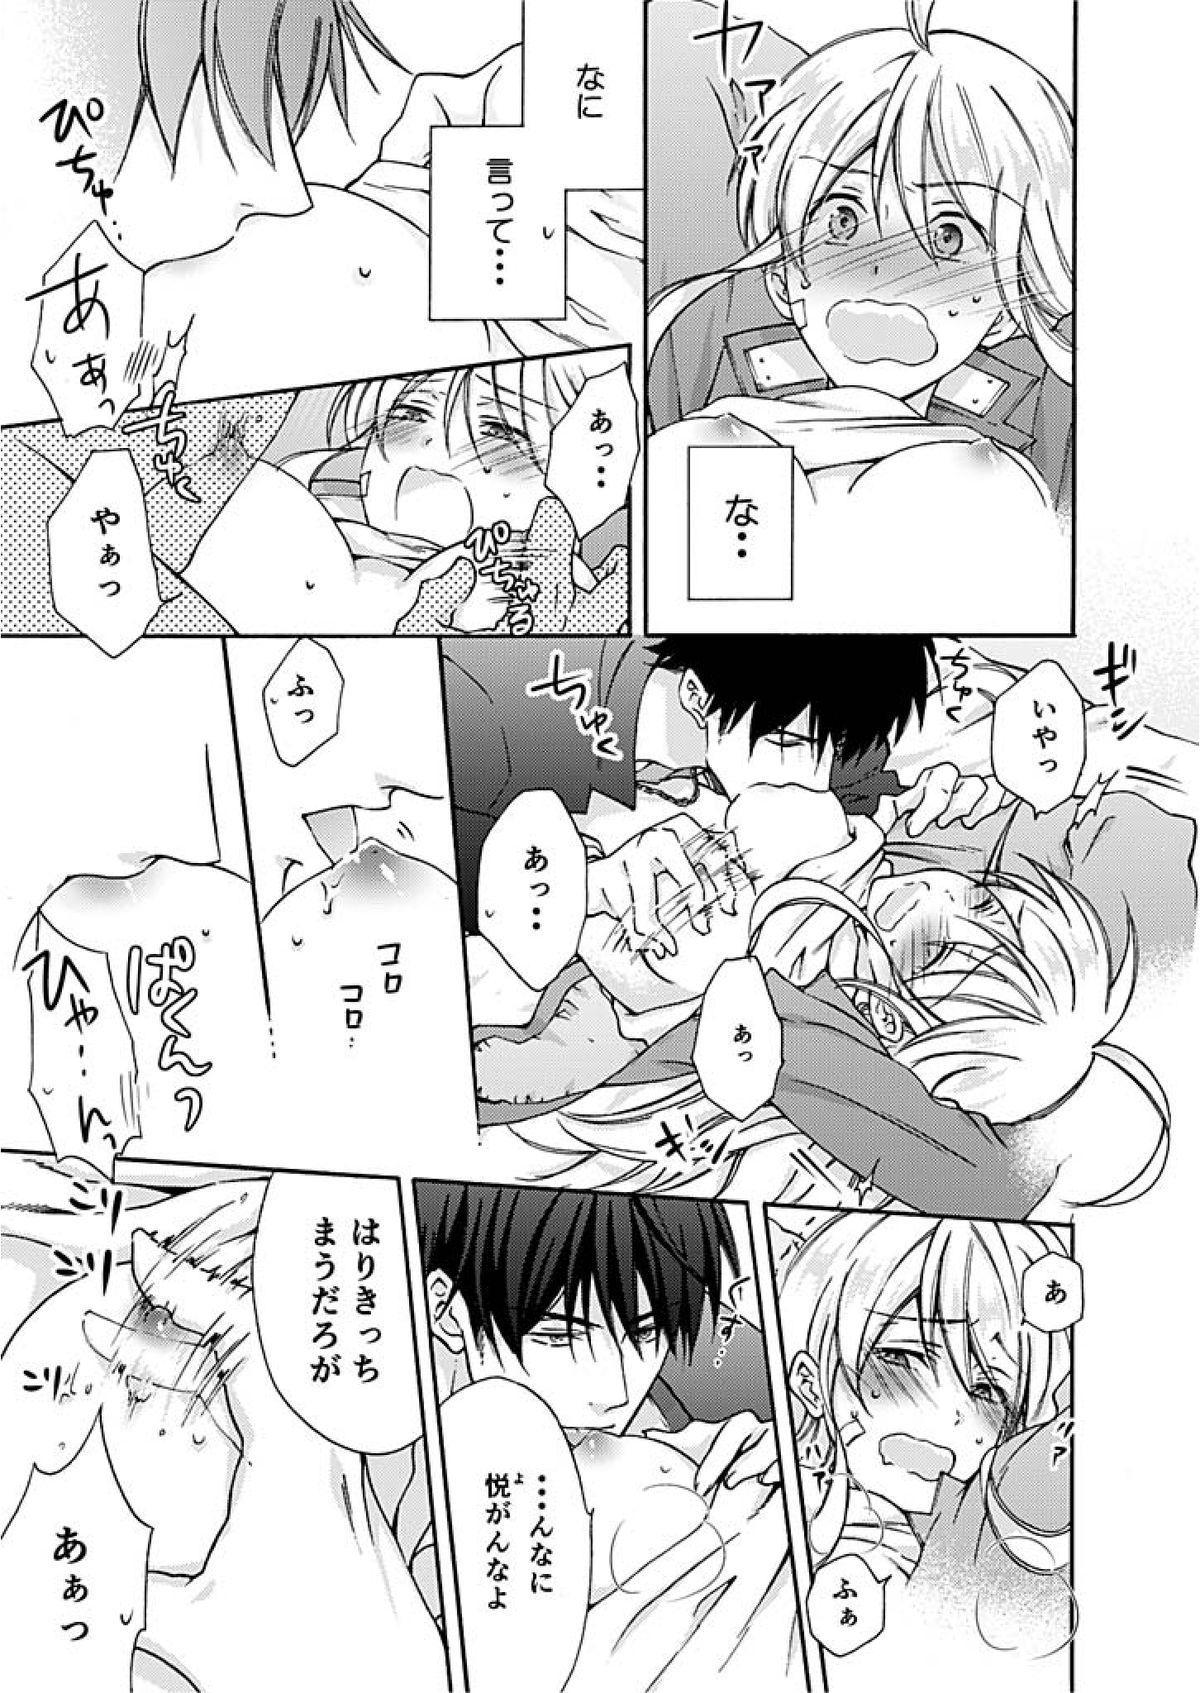 Nyotaika Yankee Gakuen ☆ Ore no Hajimete, Nerawaretemasu. 2 19